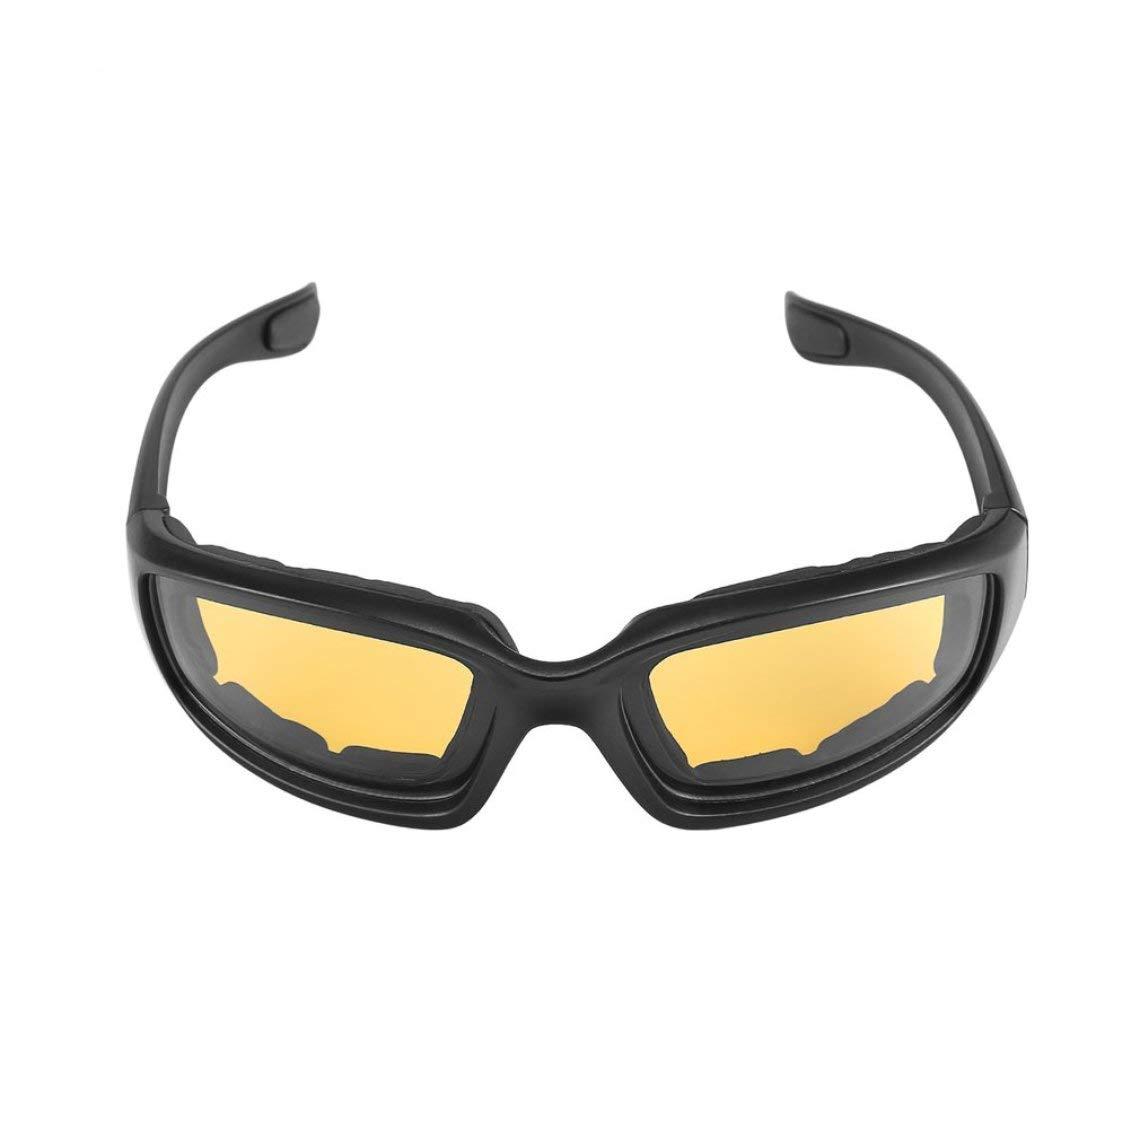 Couleur: Noir Lunettes de Protection de Moto Lunettes de Protection Anti-Vent Lunettes Anti-Yeux Lunettes de Sport Lunettes de Sport